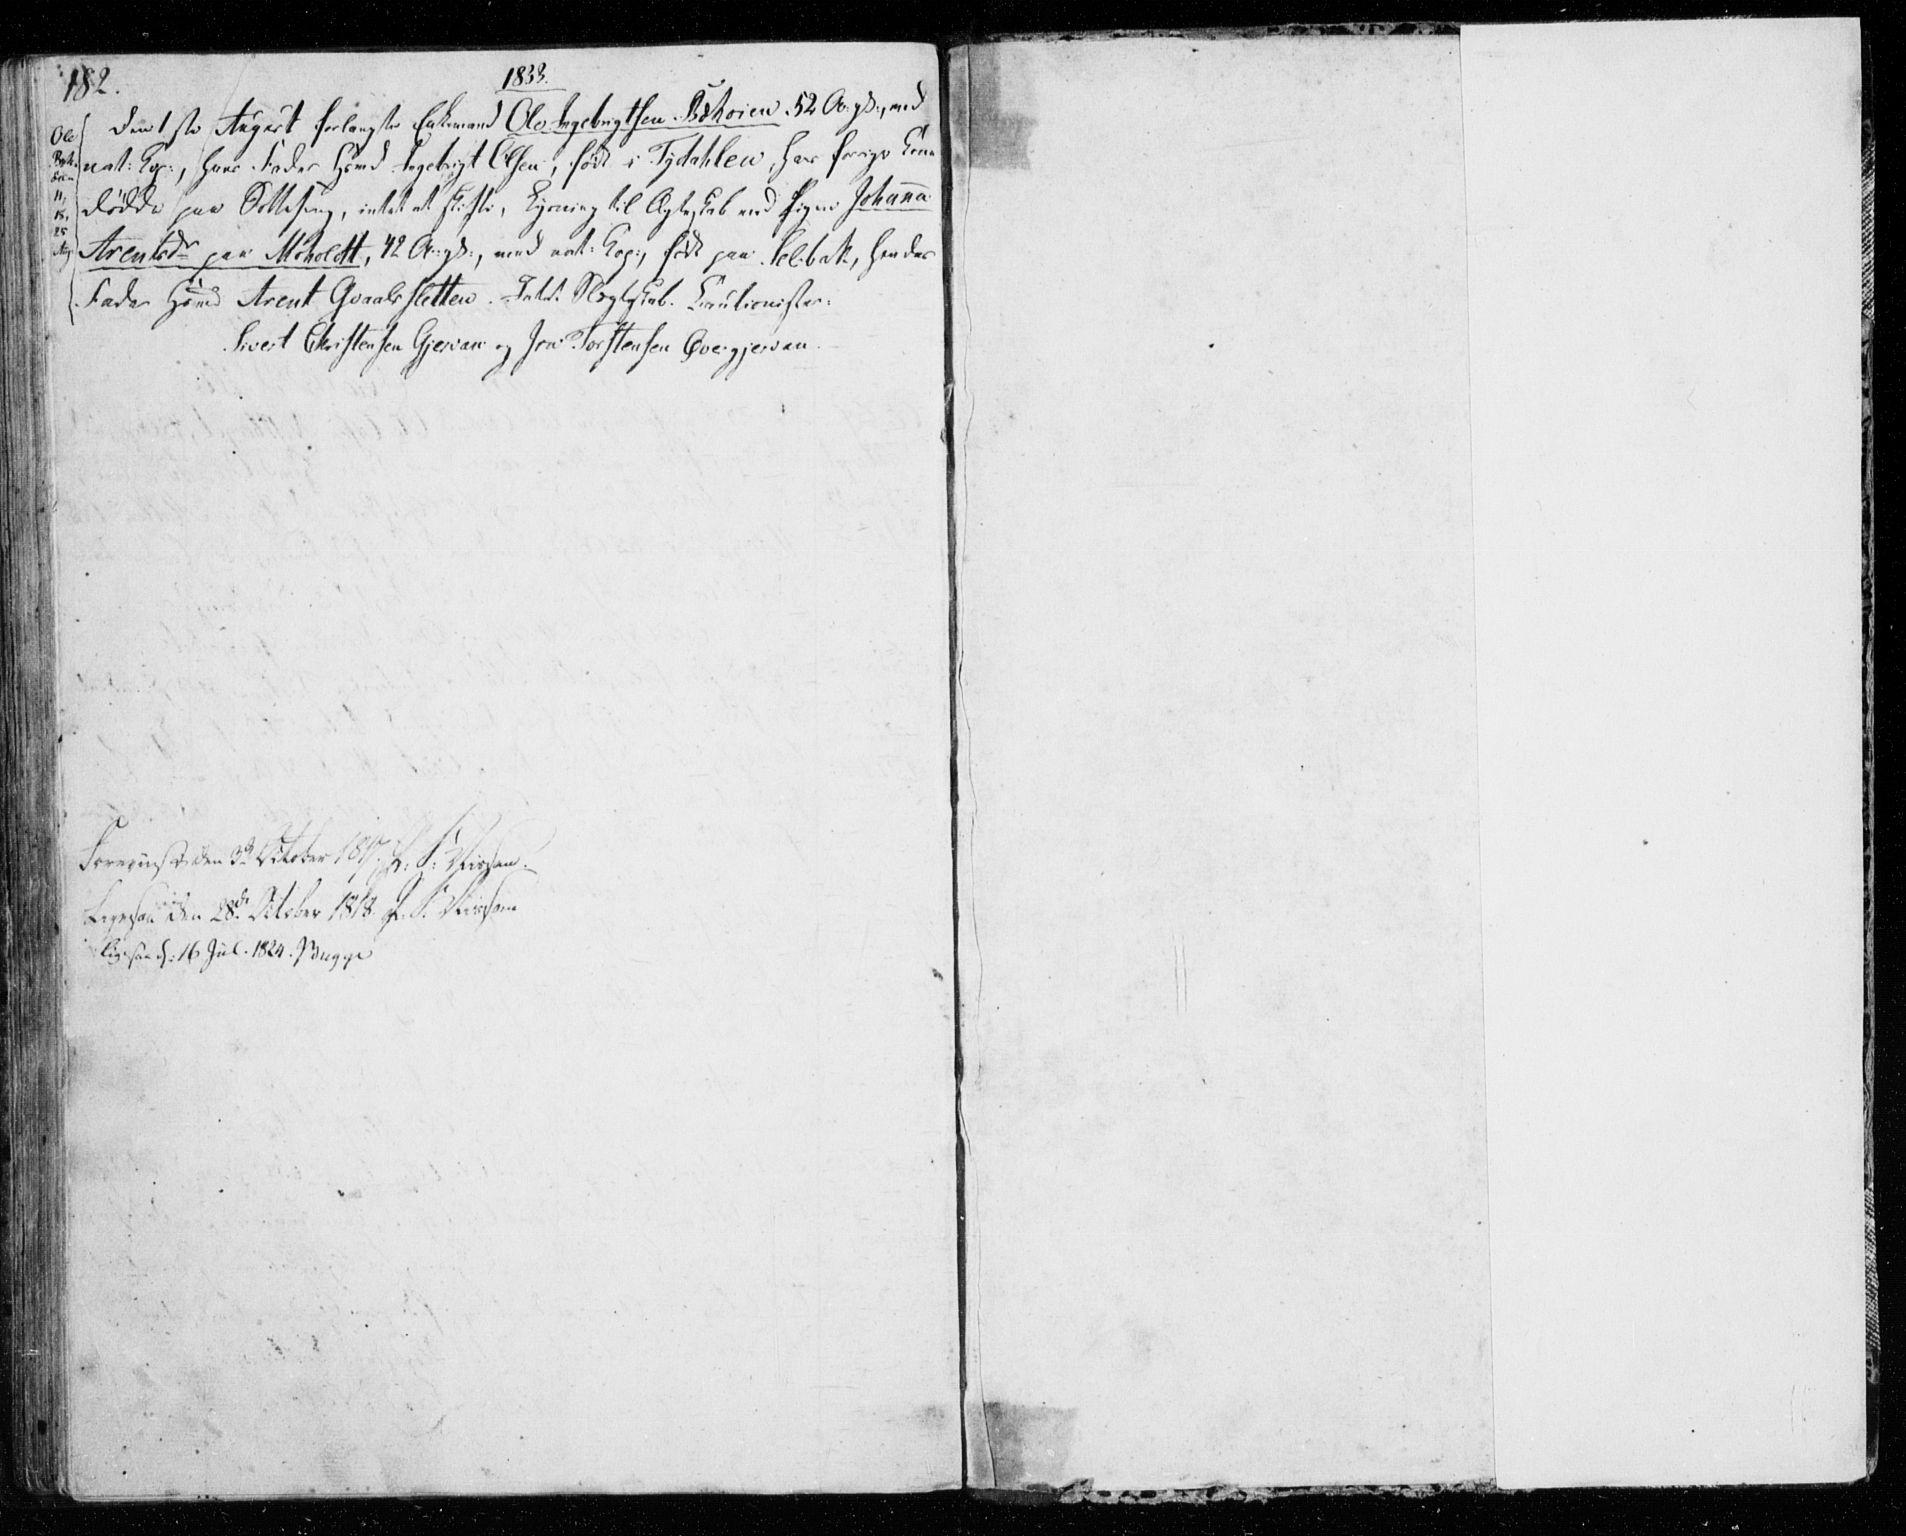 SAT, Ministerialprotokoller, klokkerbøker og fødselsregistre - Sør-Trøndelag, 606/L0295: Lysningsprotokoll nr. 606A10, 1815-1833, s. 182-183